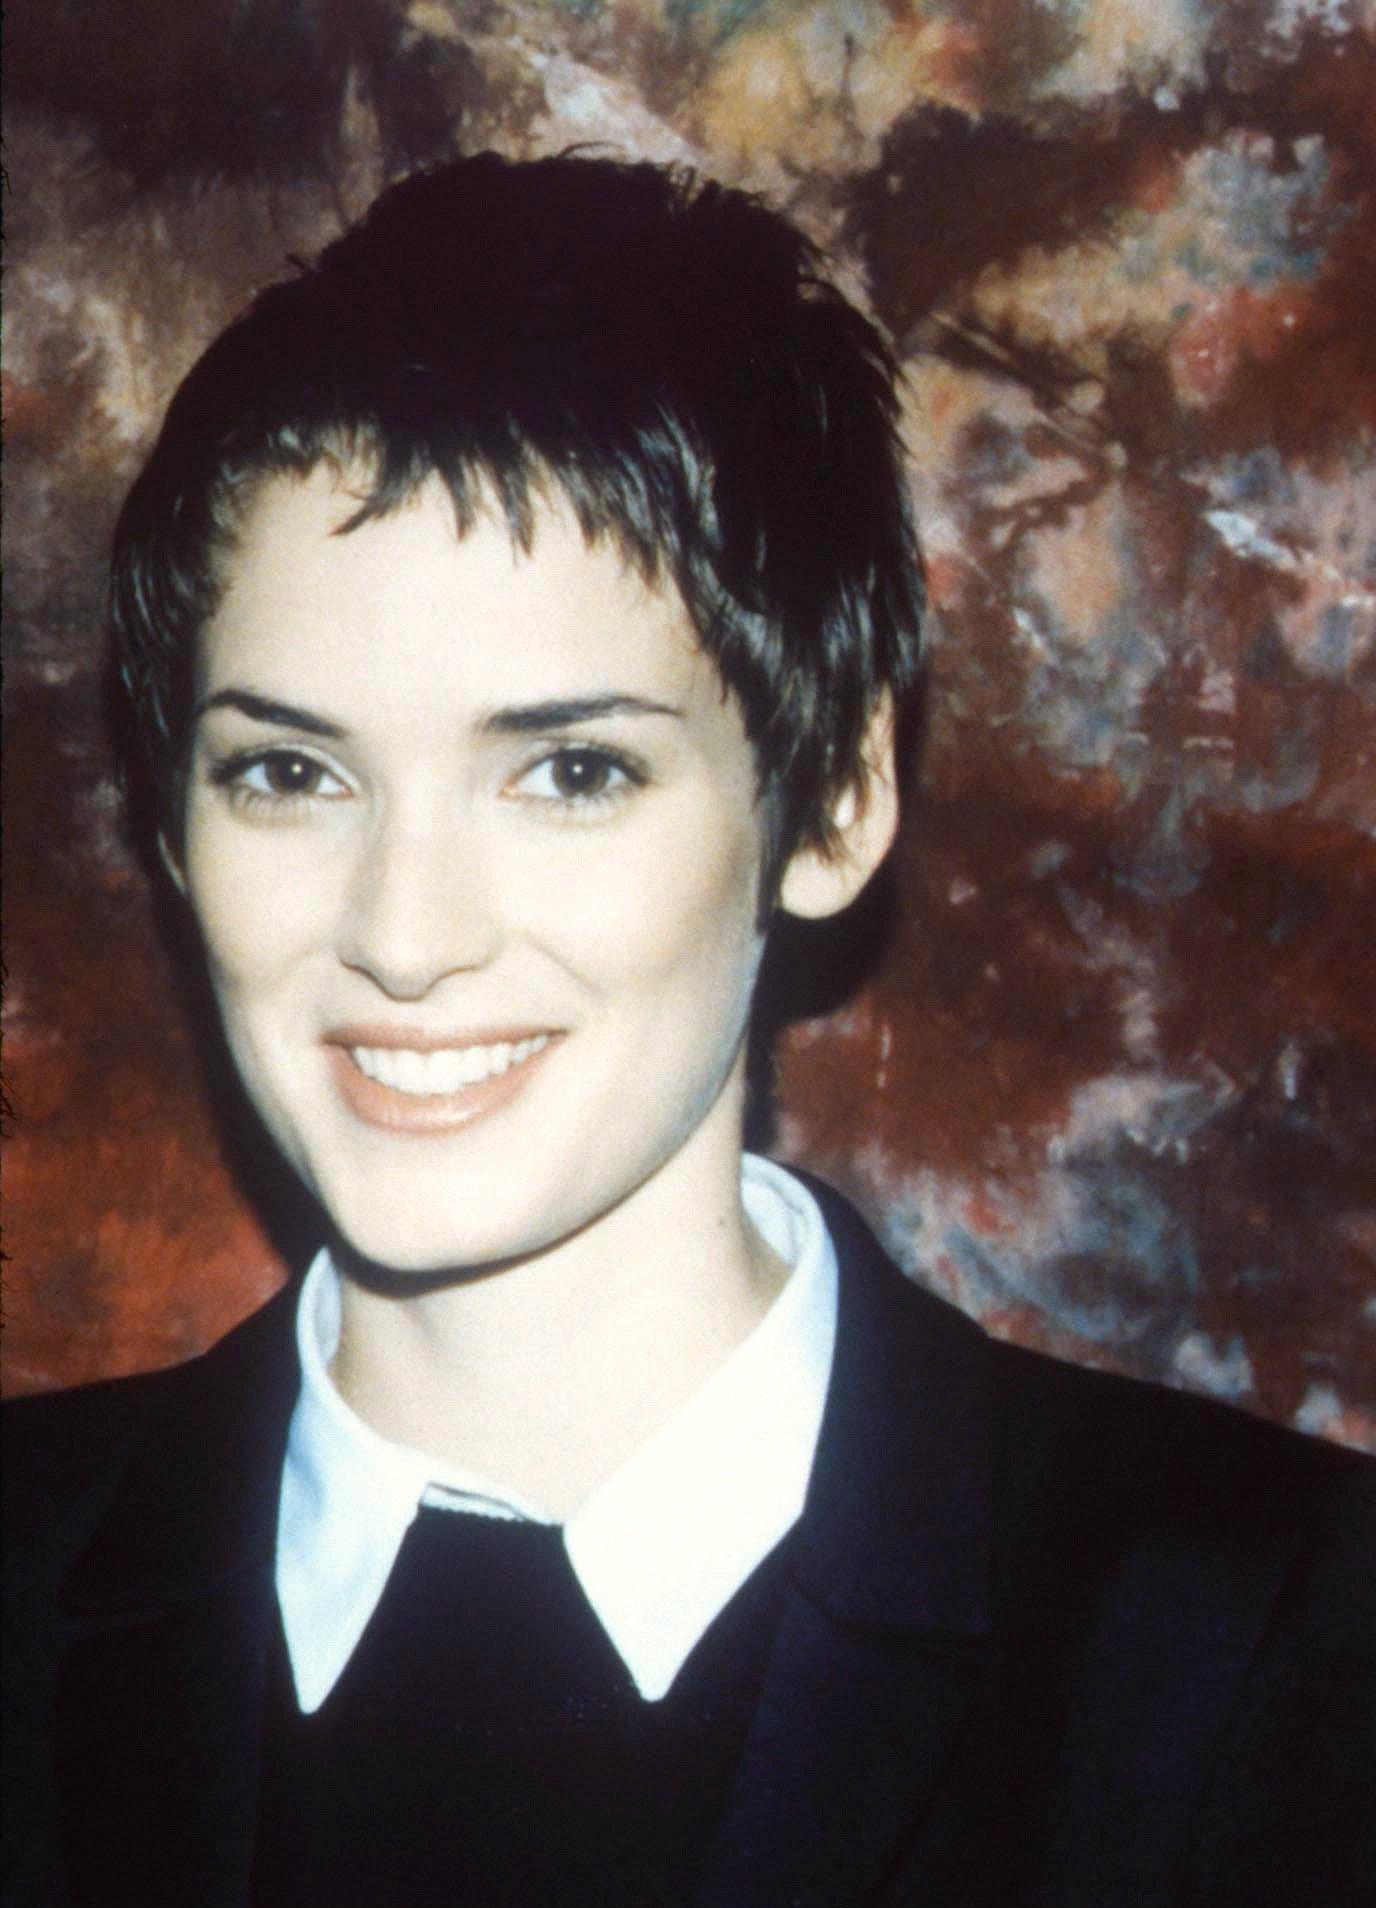 Winona Ryder in 1995